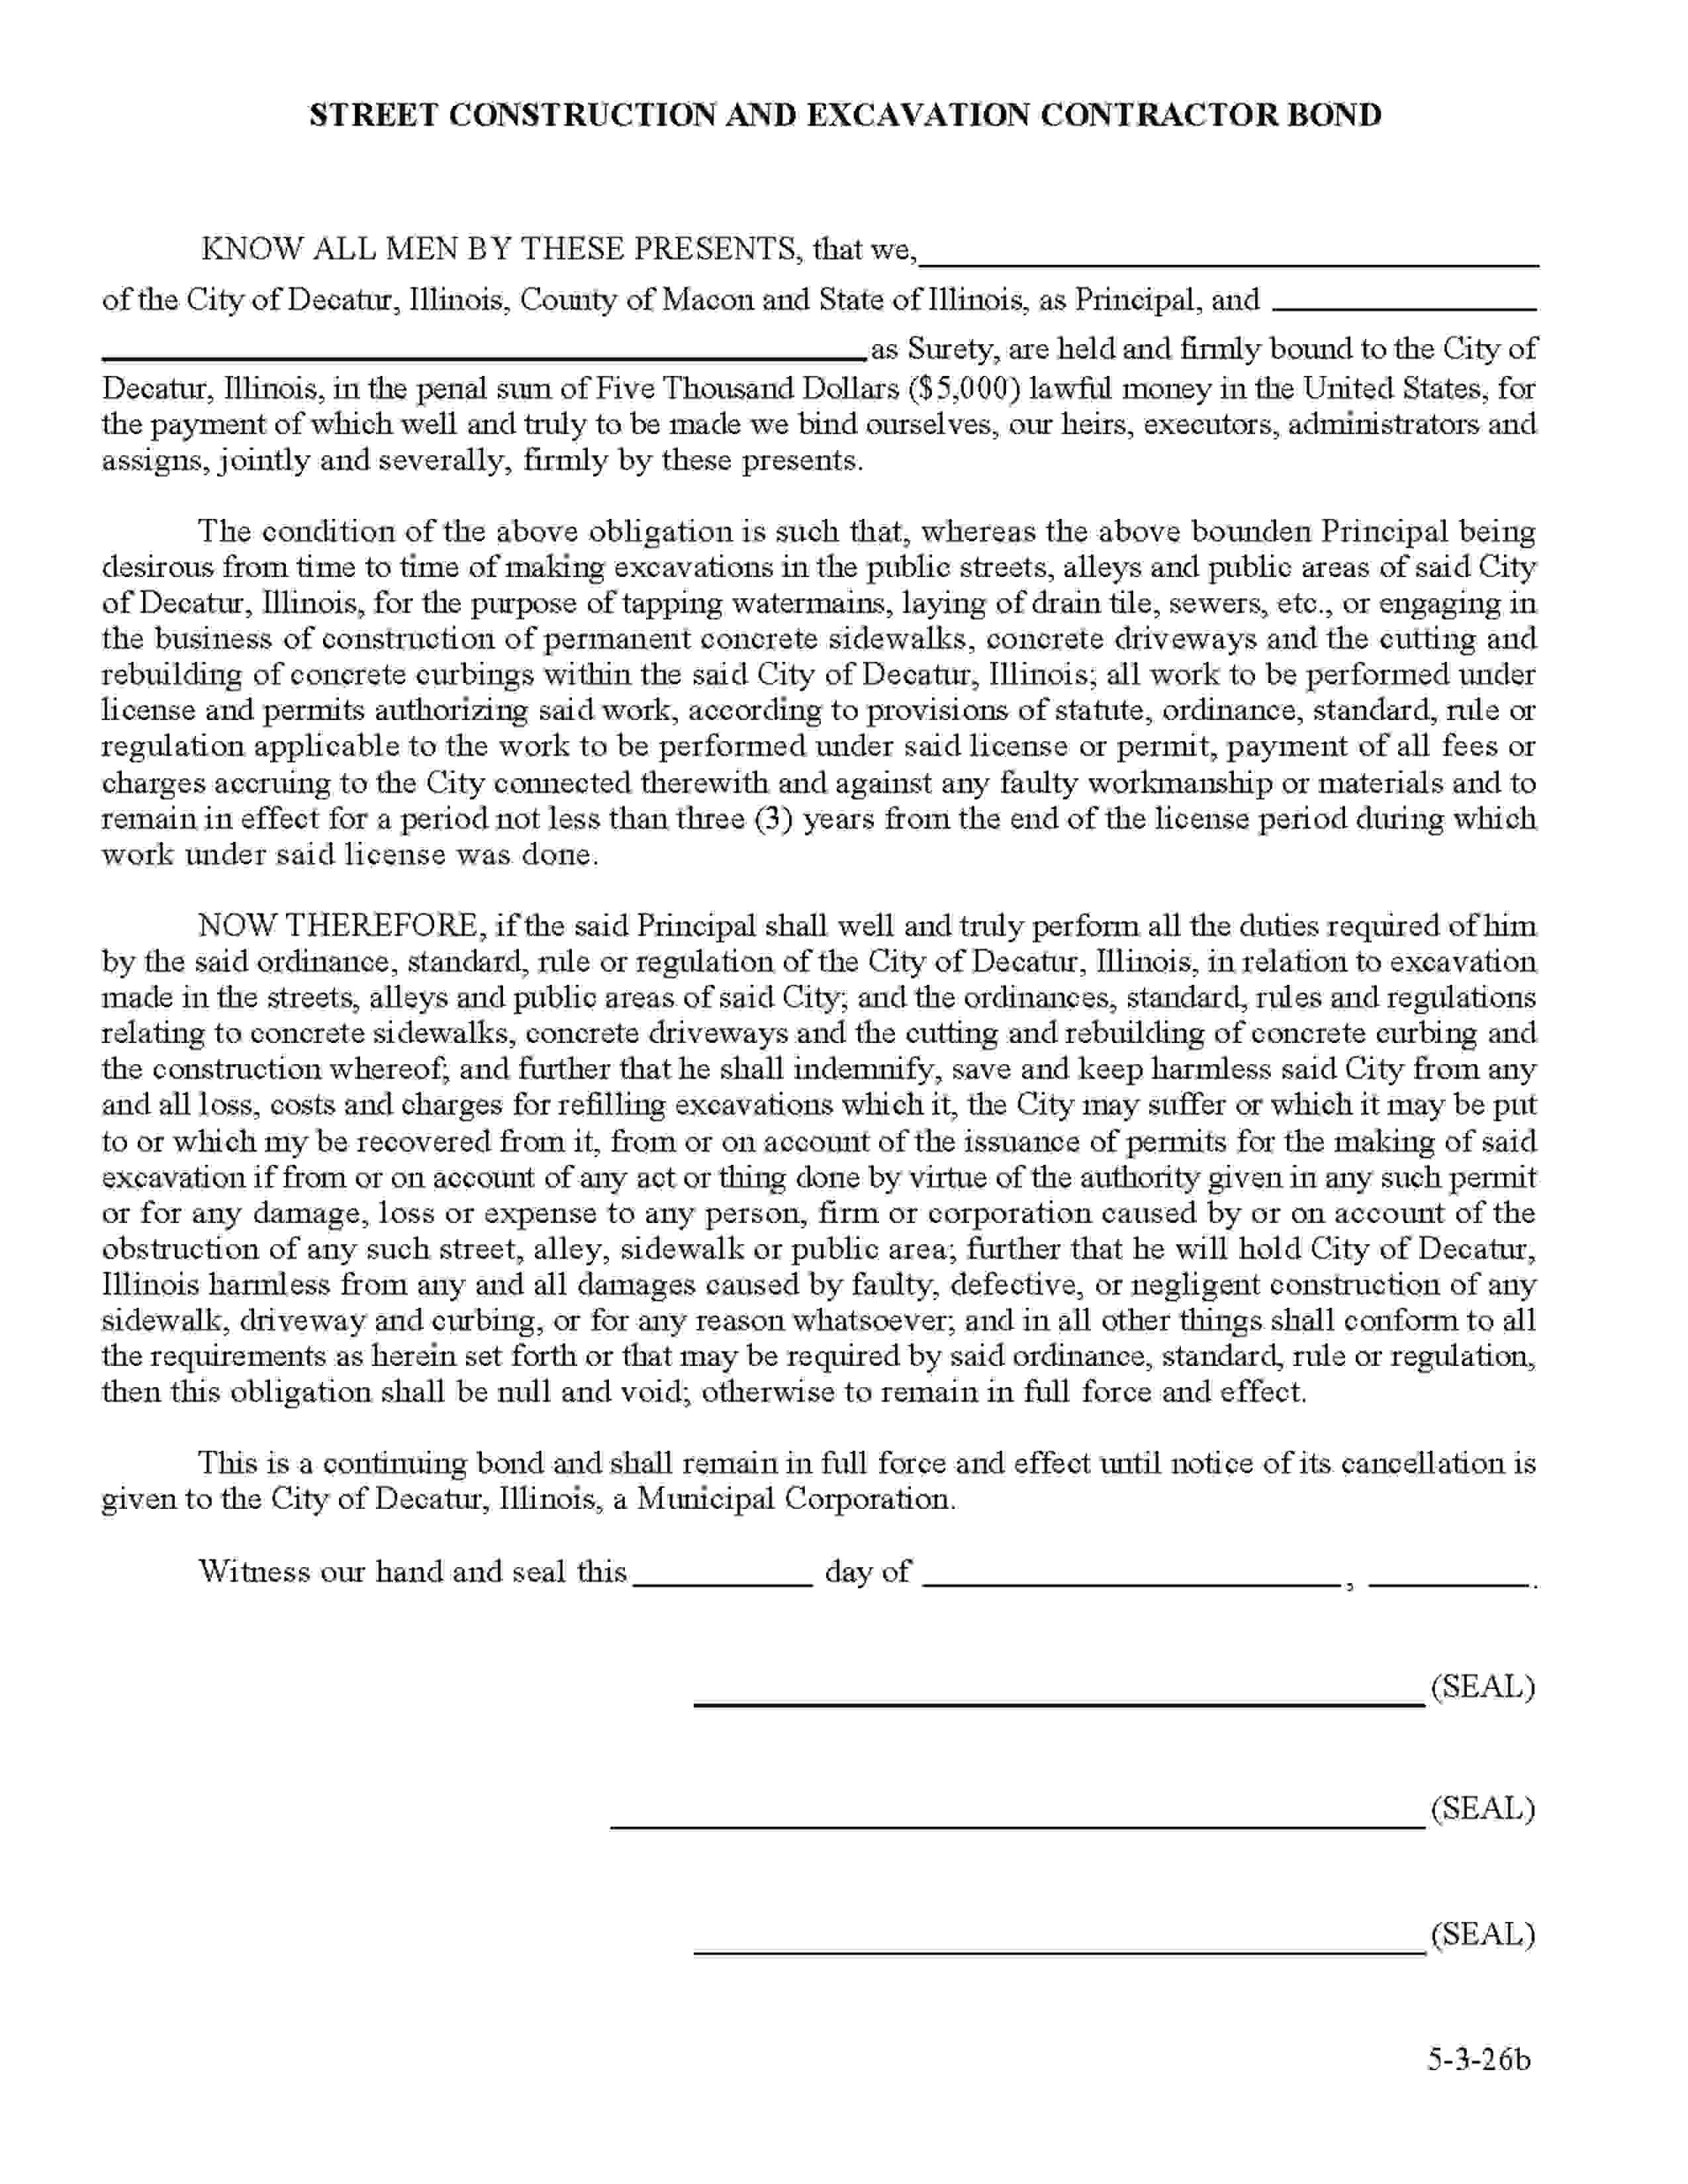 Decatur - City License/Permit sample image